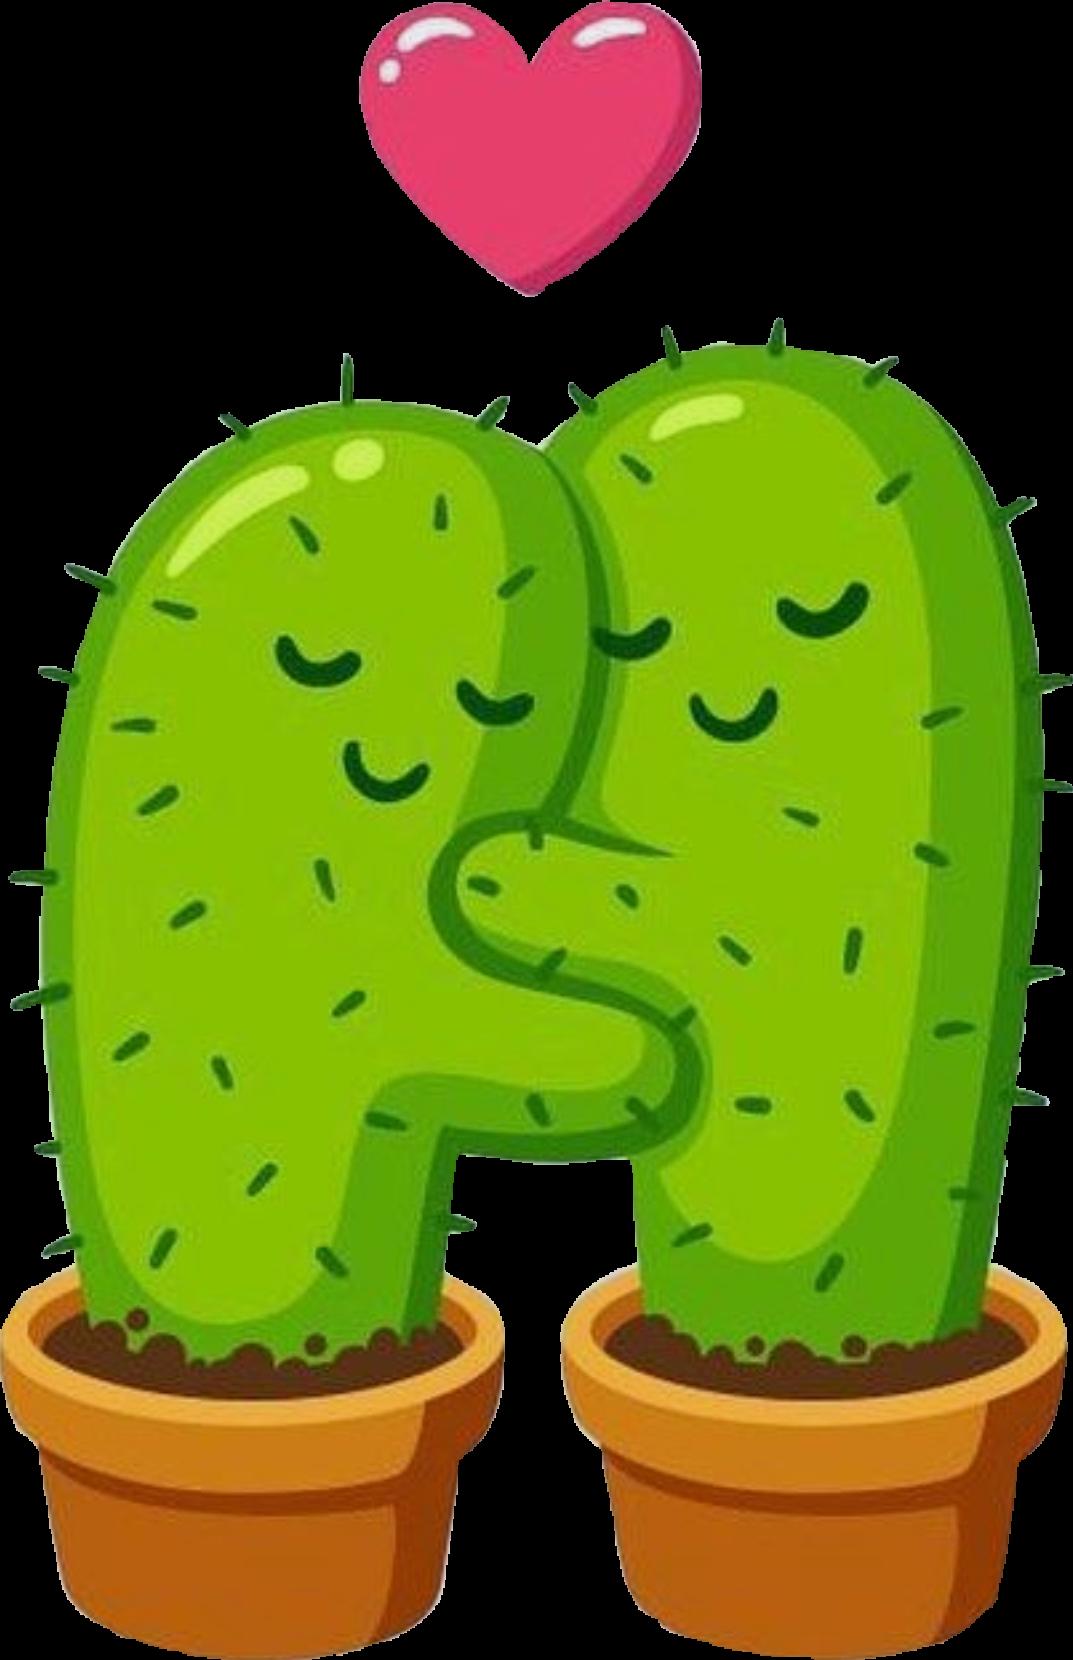 Картинки кактусов прикольные нарисованные для срисовки